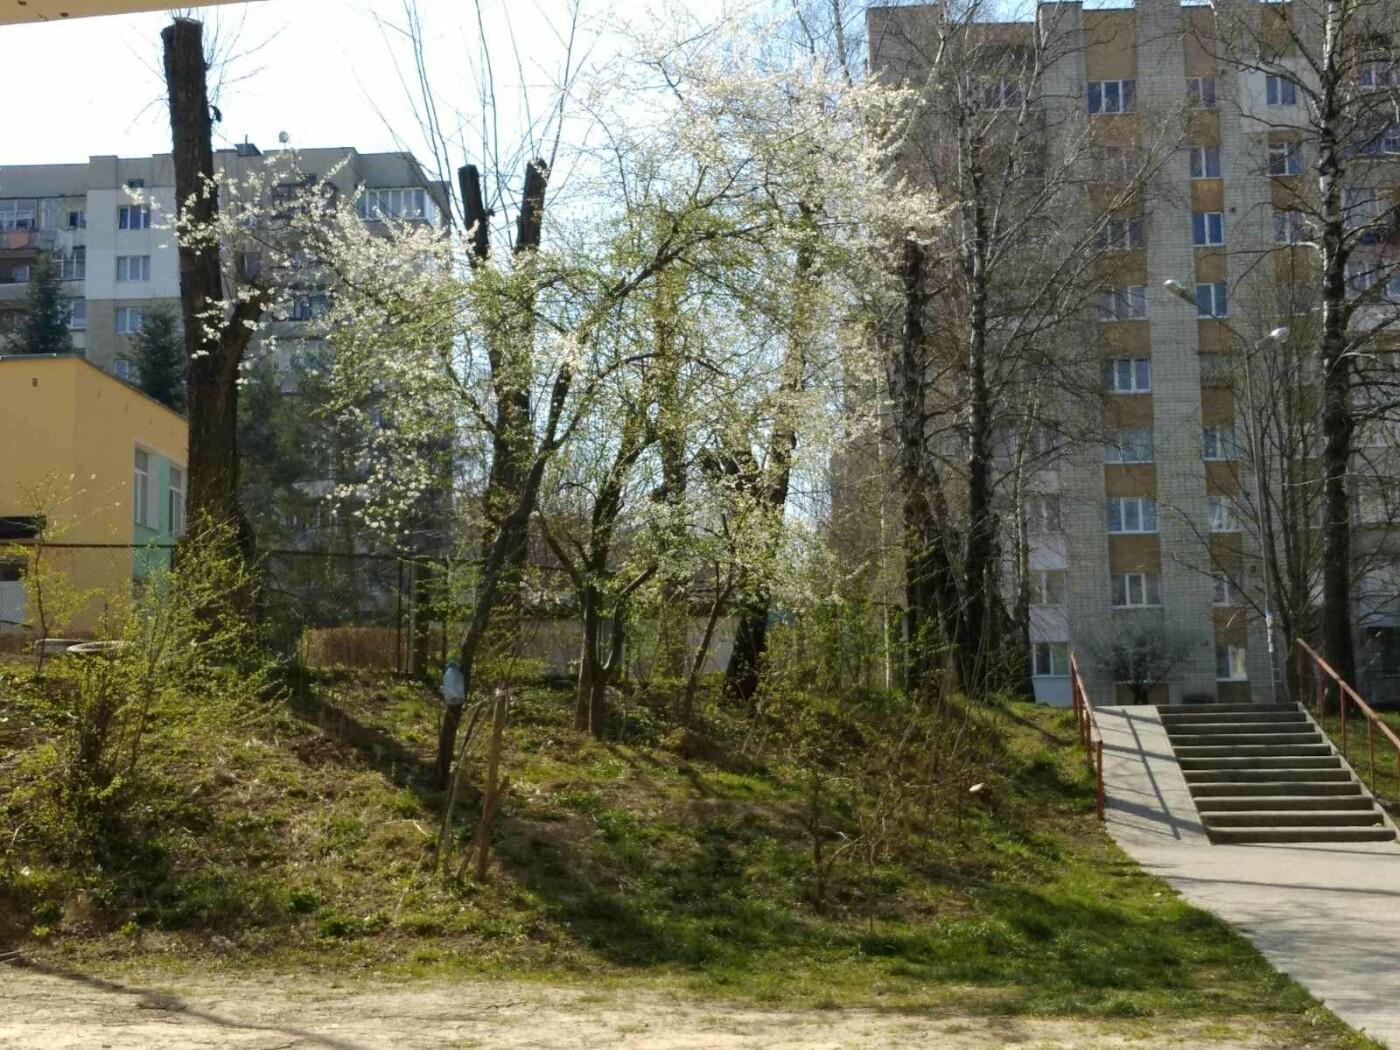 Трускавець розквітає: Фото трускавецької краси, фото-12, Фото - 03247.com.ua